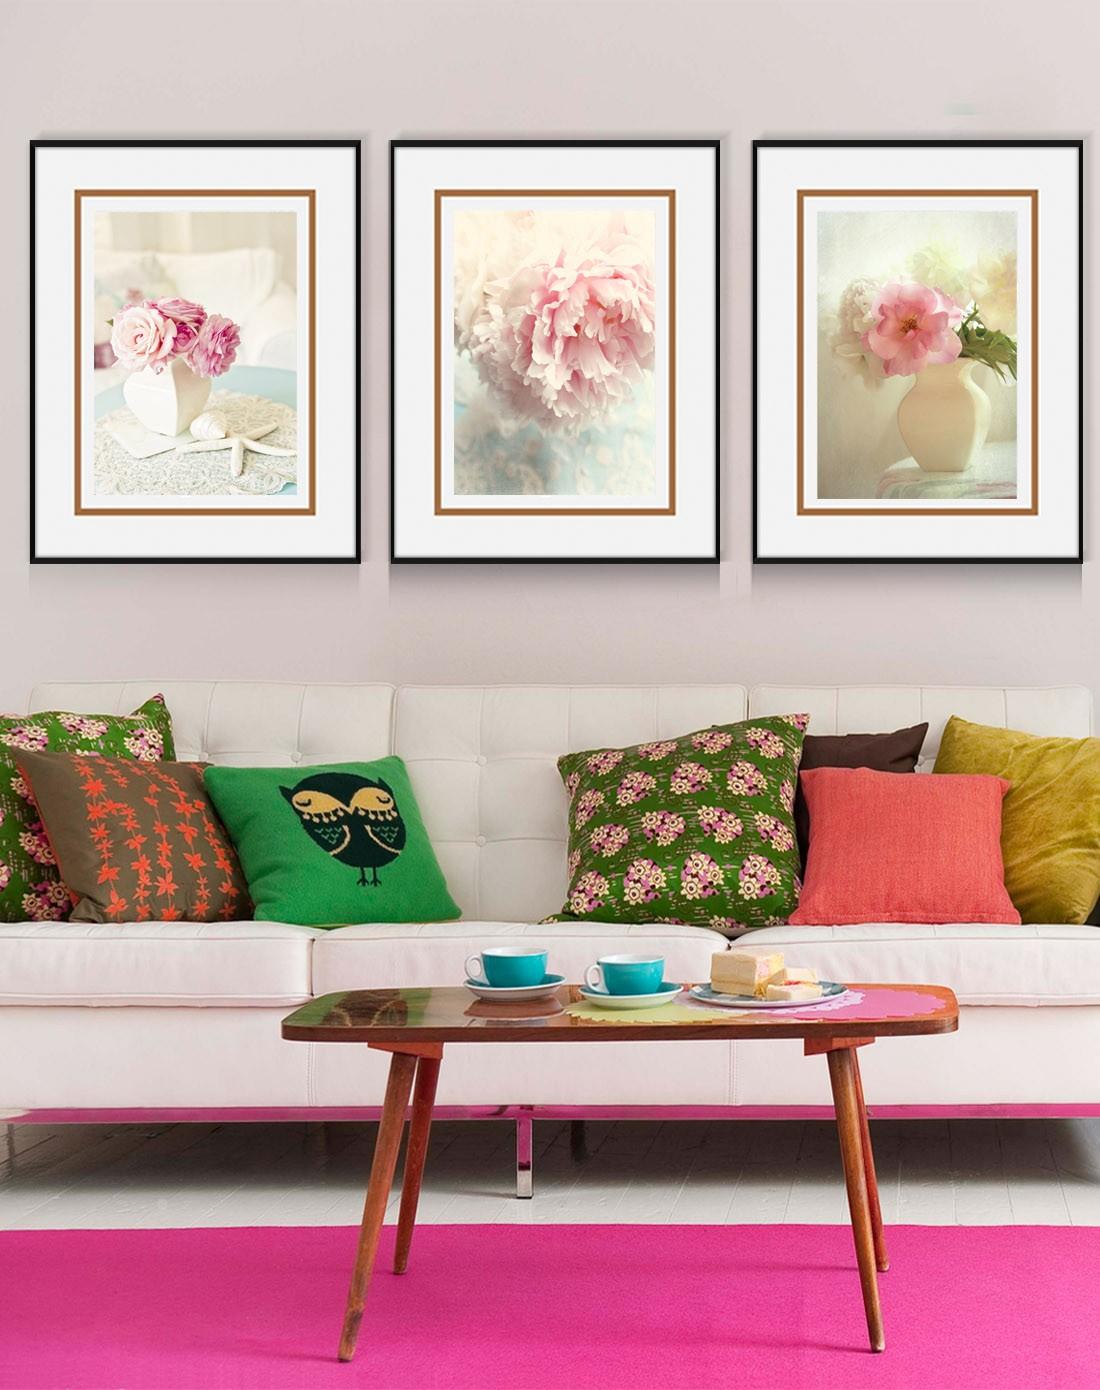 柠檬树家居装饰专场小清新装饰画 粉色牡丹wp018jk